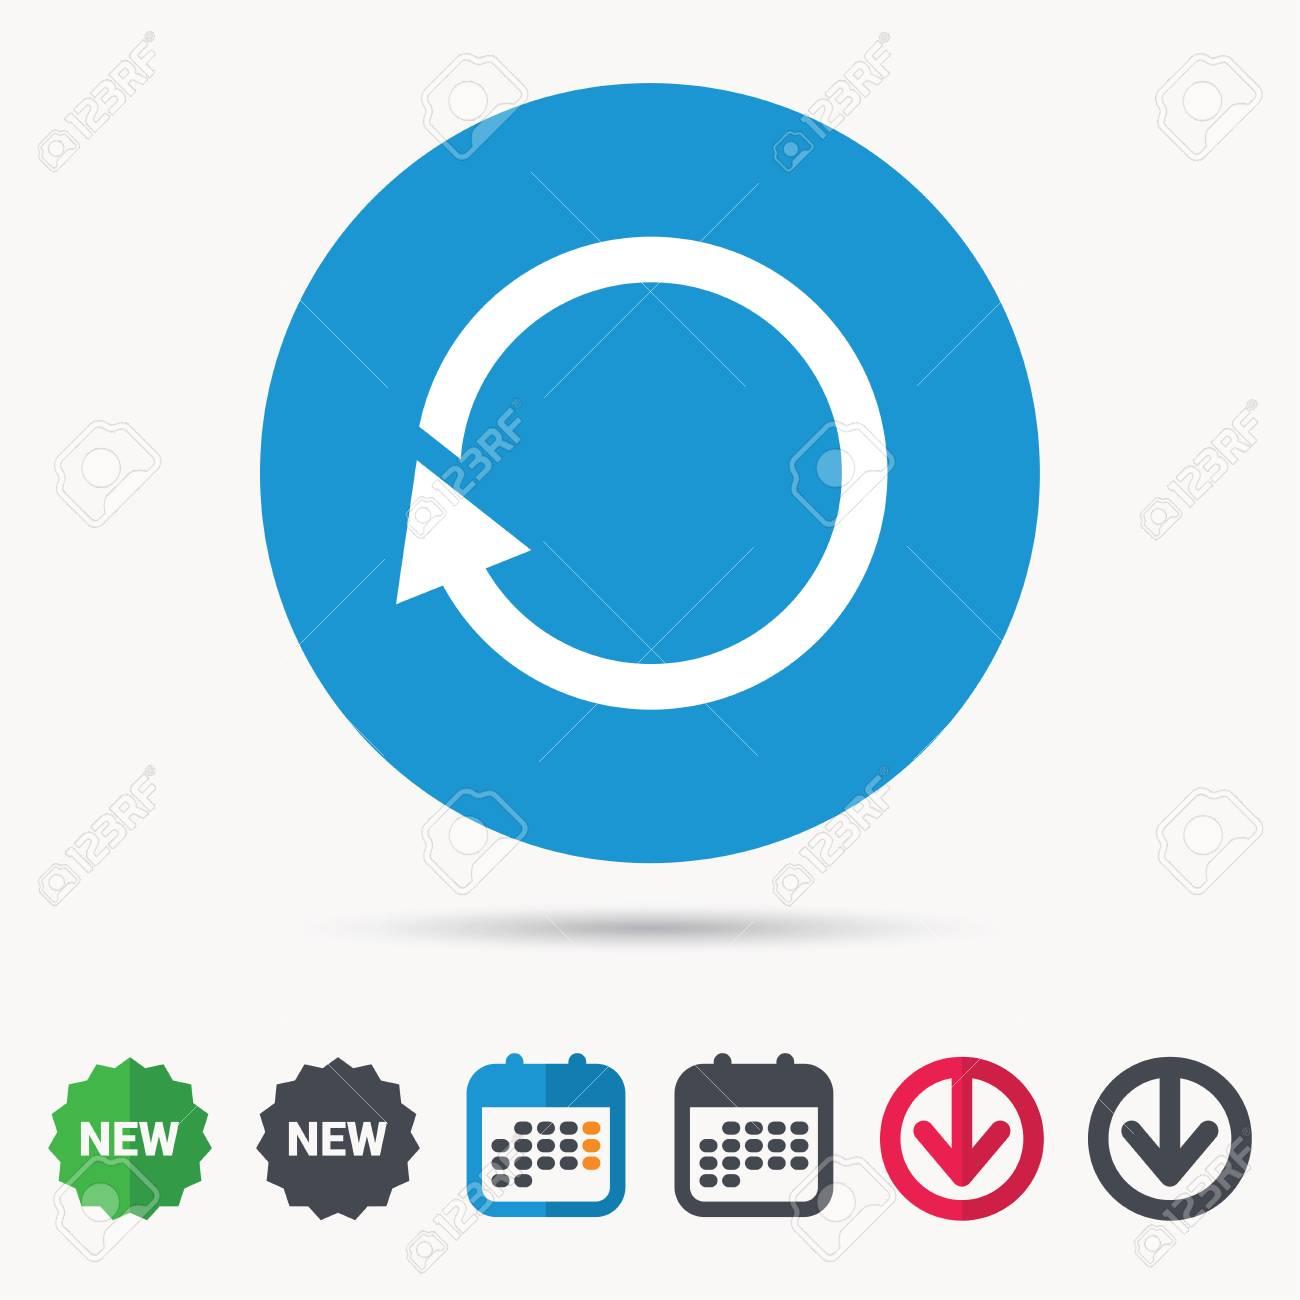 Actualizar Calendario.Icono De Actualizacion Actualizar O Repetir El Simbolo Calendario Flecha De Descarga Y Nuevos Letreros De Etiquetas Iconos De Colores Web Plana